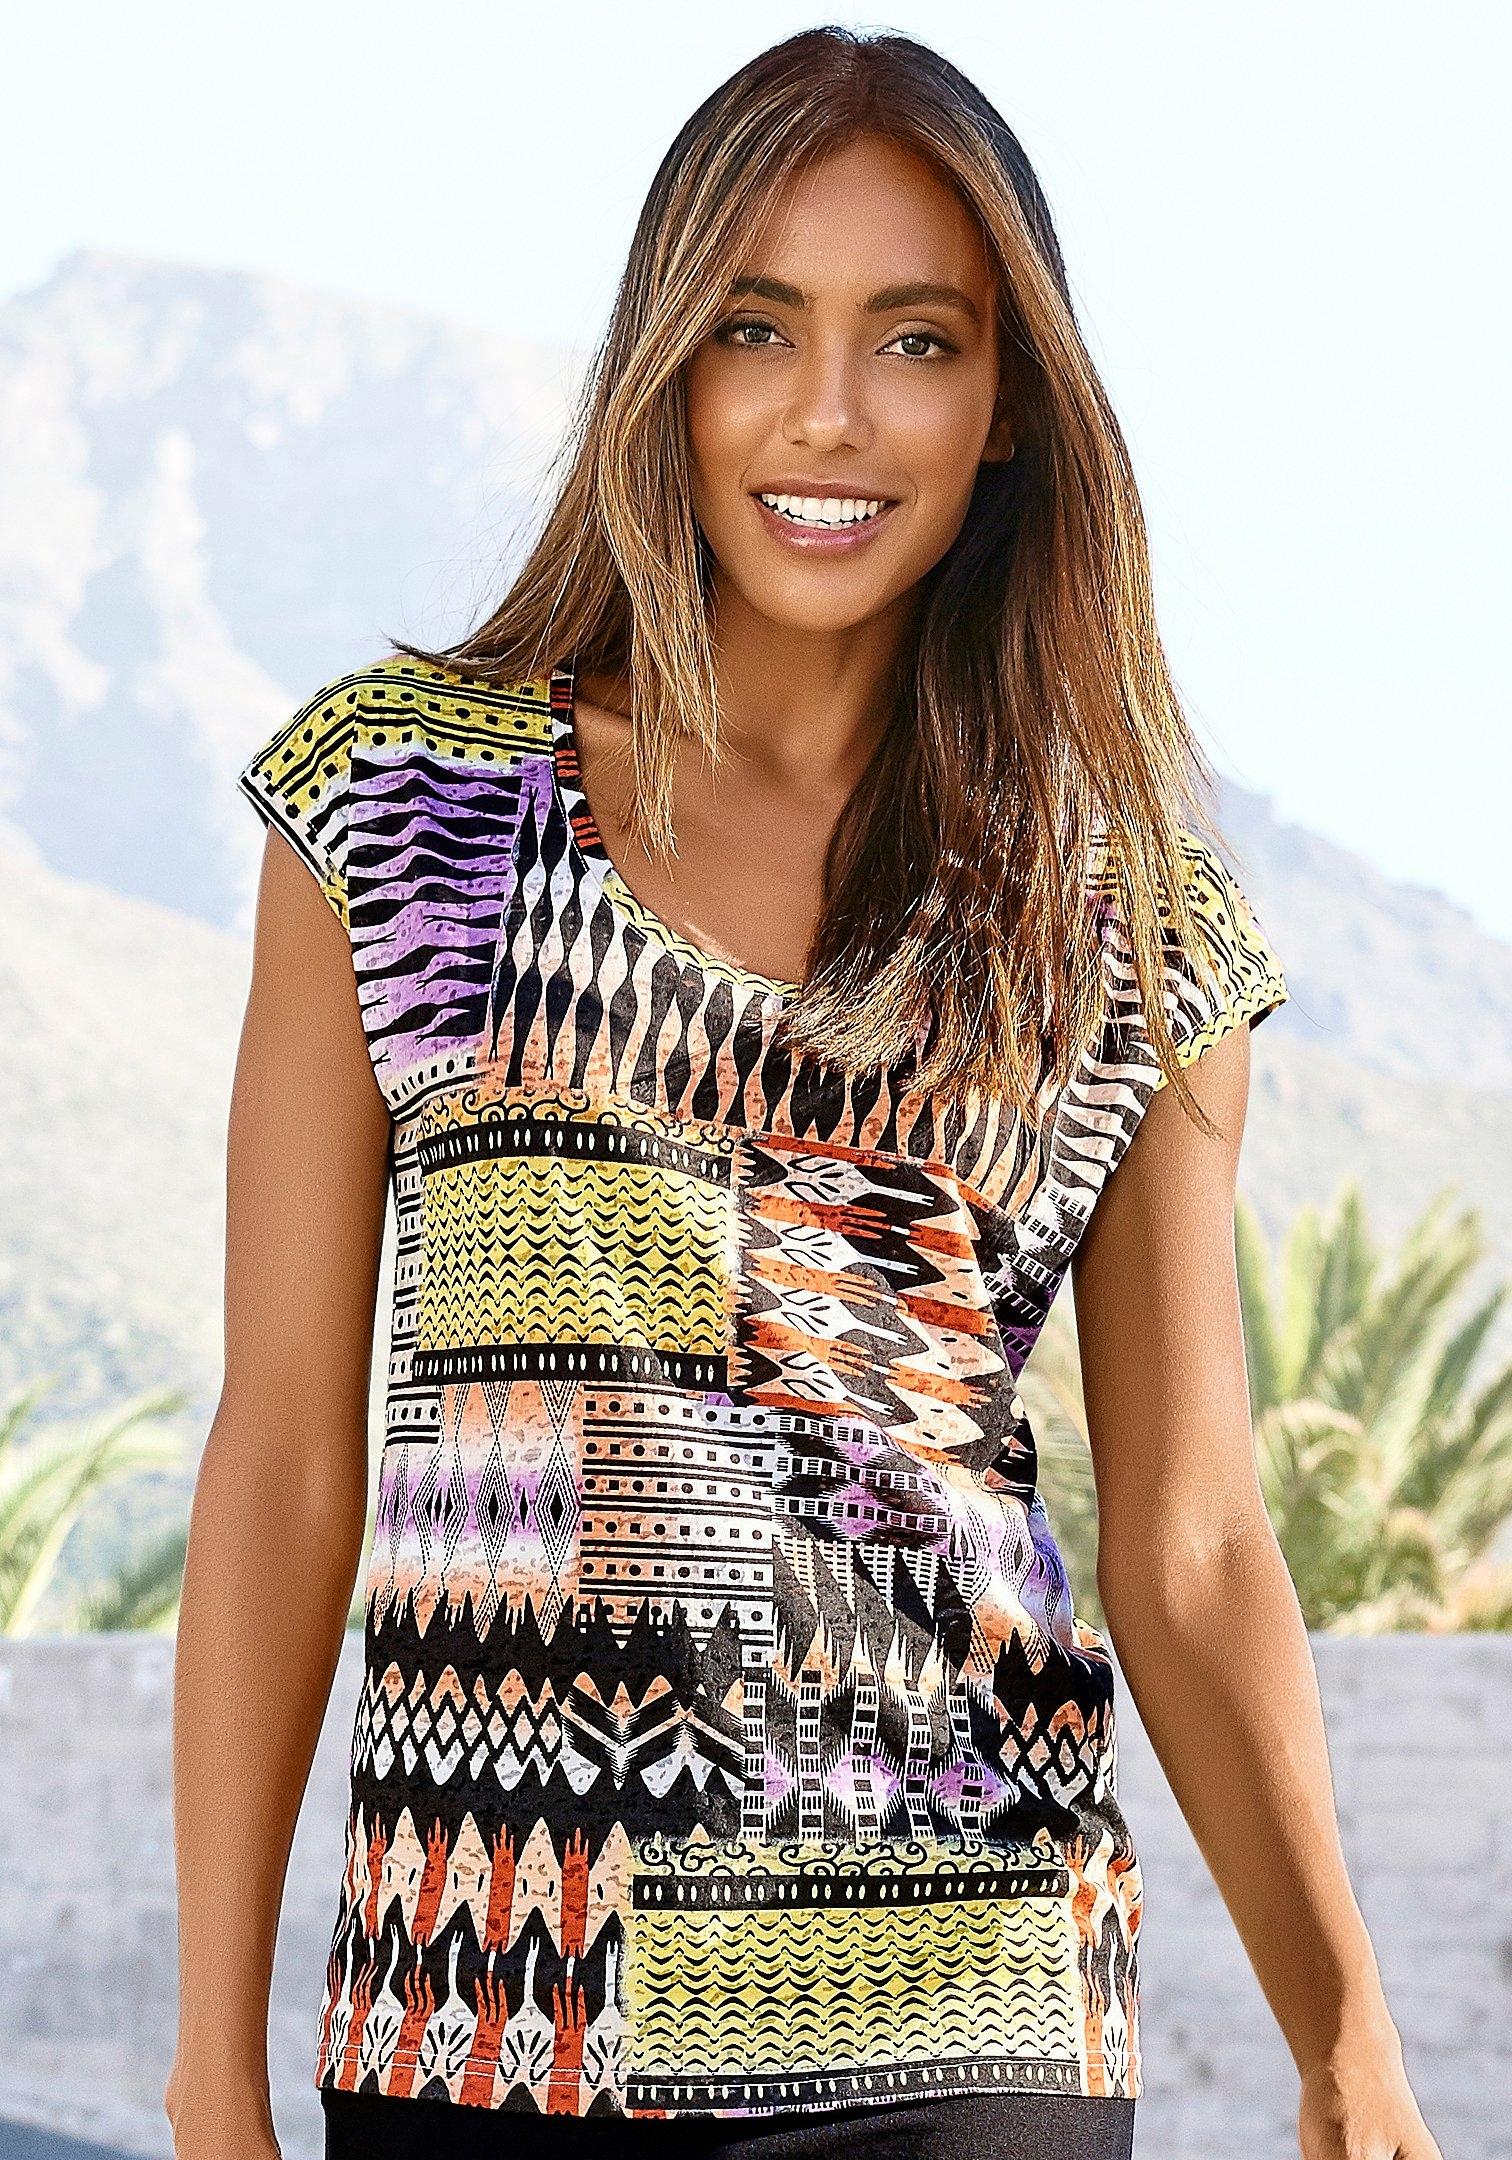 Buffalo T-shirt Etskantkwaliteit met een modieuze print nu online kopen bij Lascana